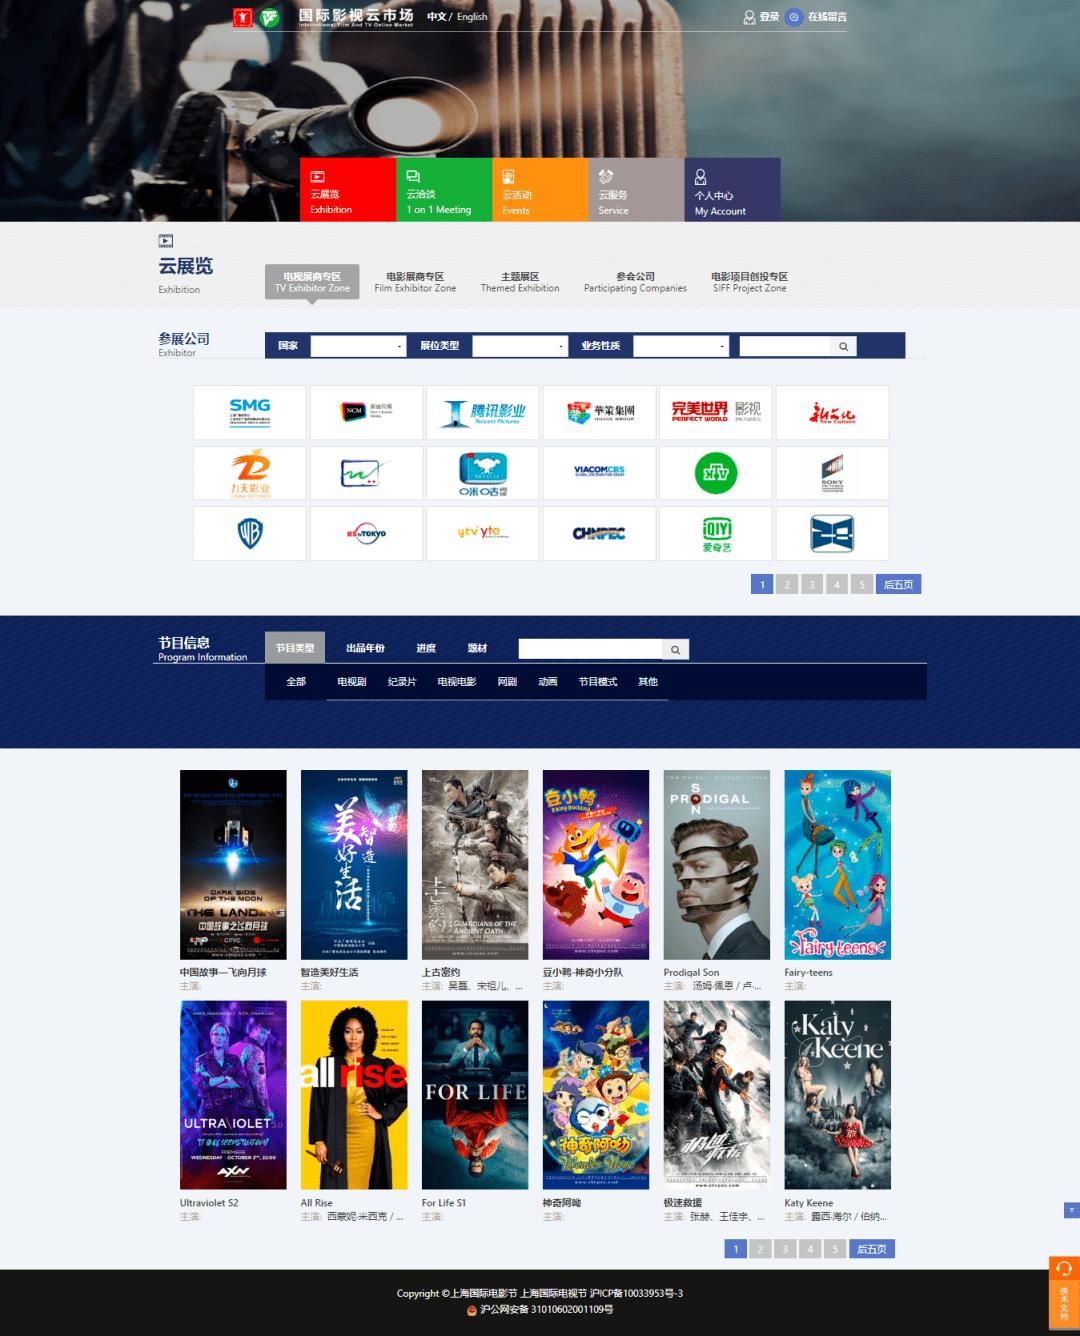 国际影视云市场高效便捷:展商遍及五大洲,注册访问数倍增